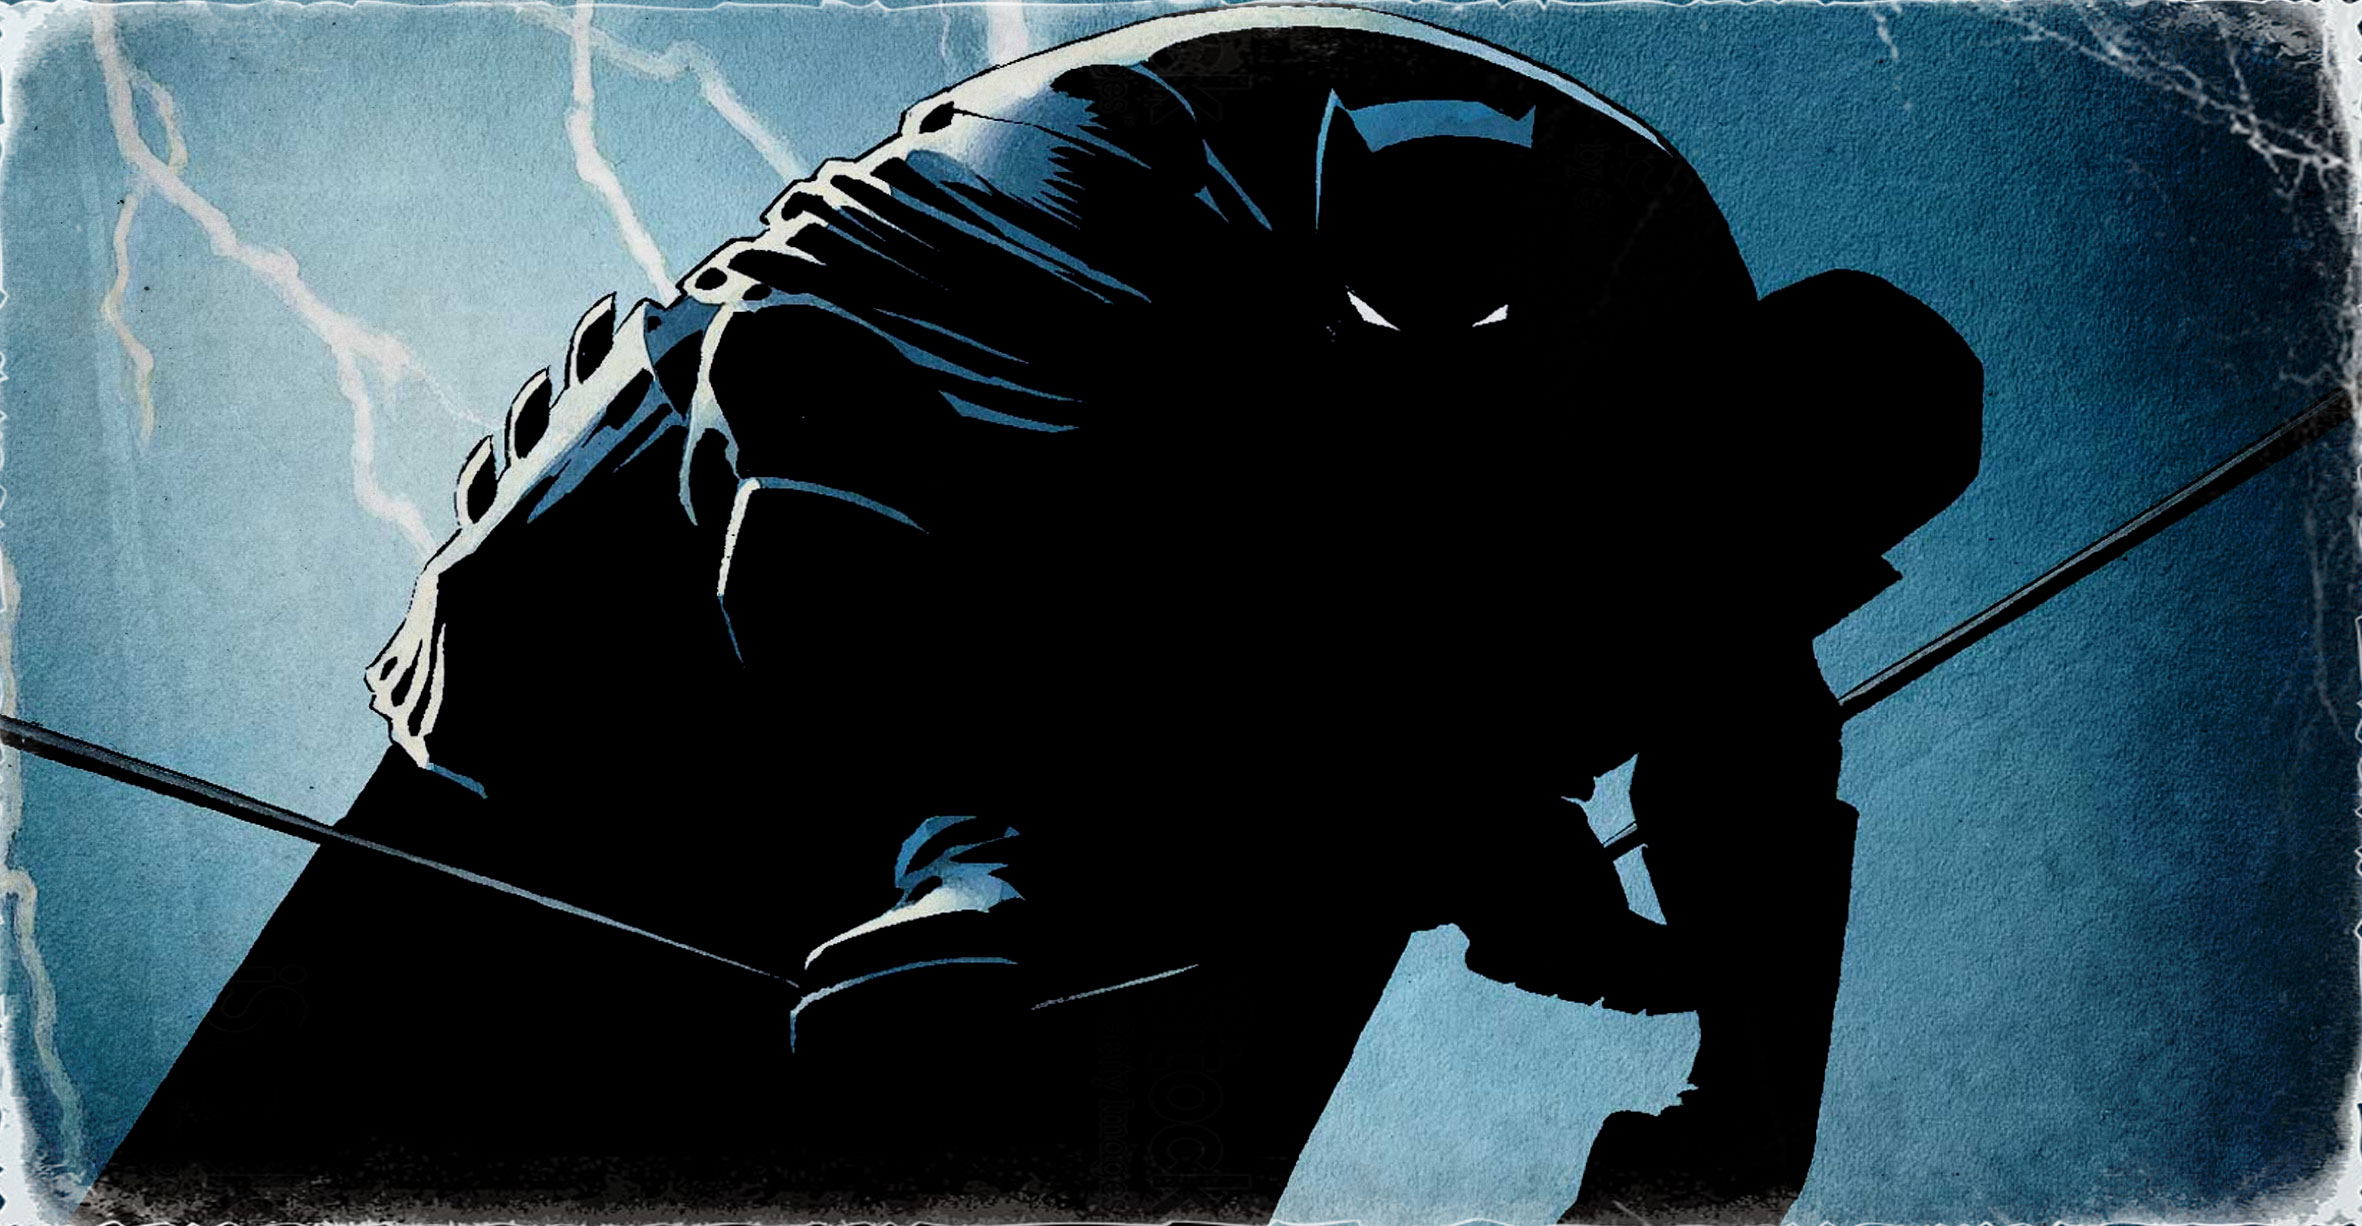 Frank Miller; Cavaleiro das Trevas; Zack Snyder Cut; Batman